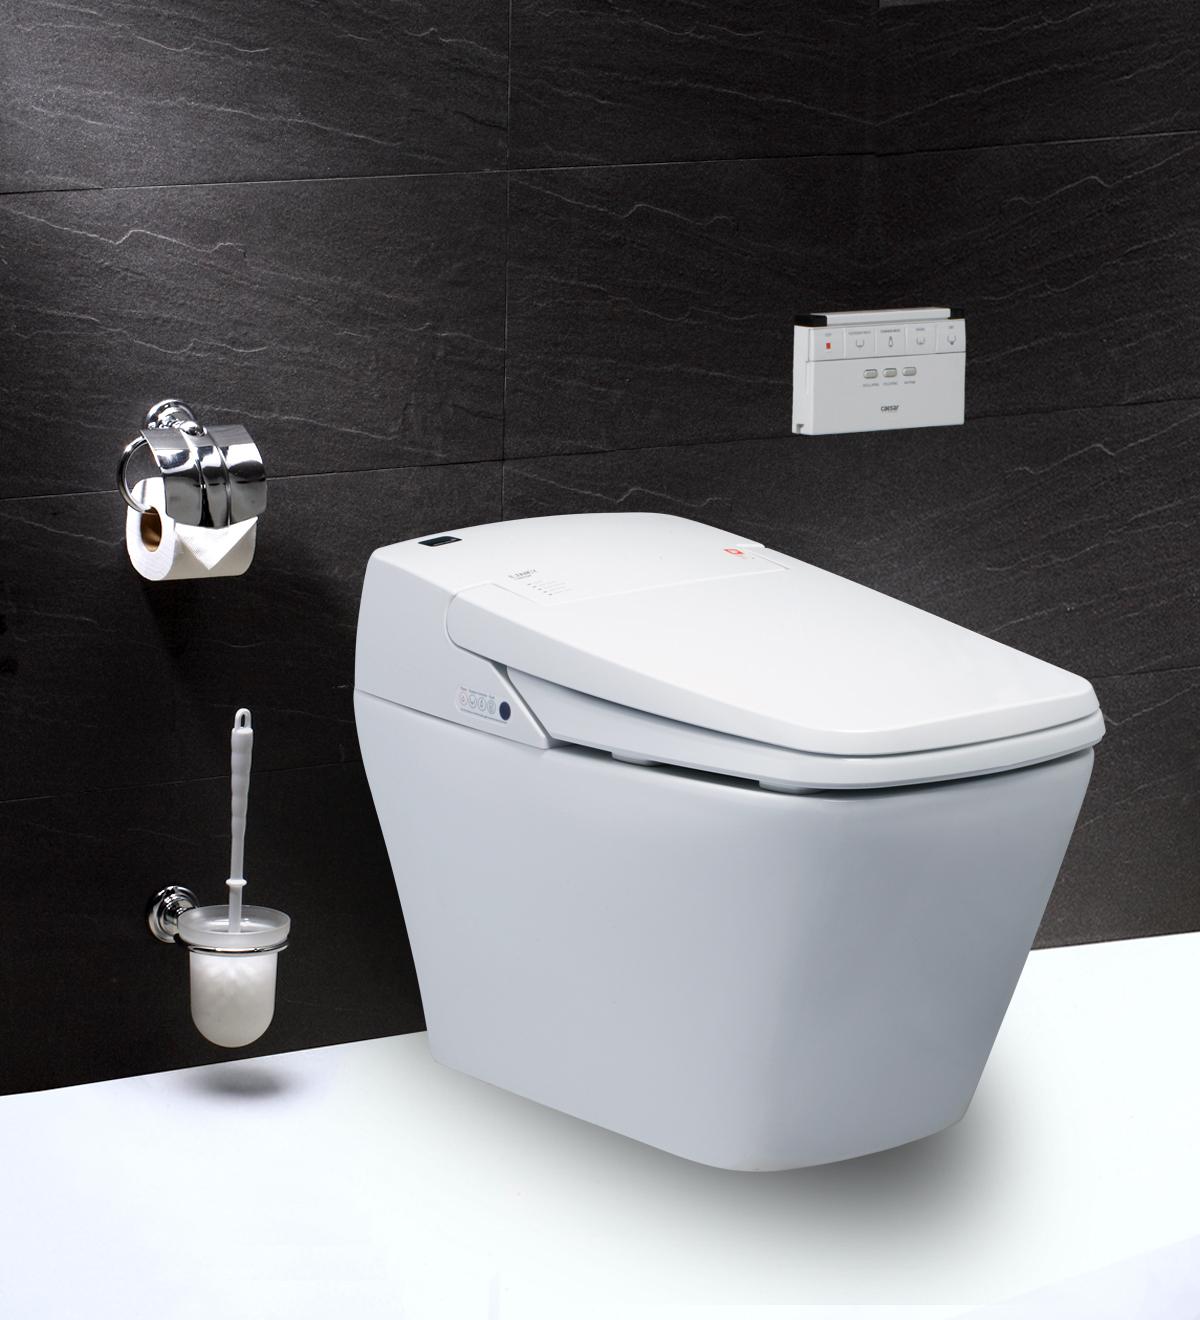 Những sai lầm khi mua giá thiết bị vệ sinh giá rẻ mà người tiêu dùng mắc phải